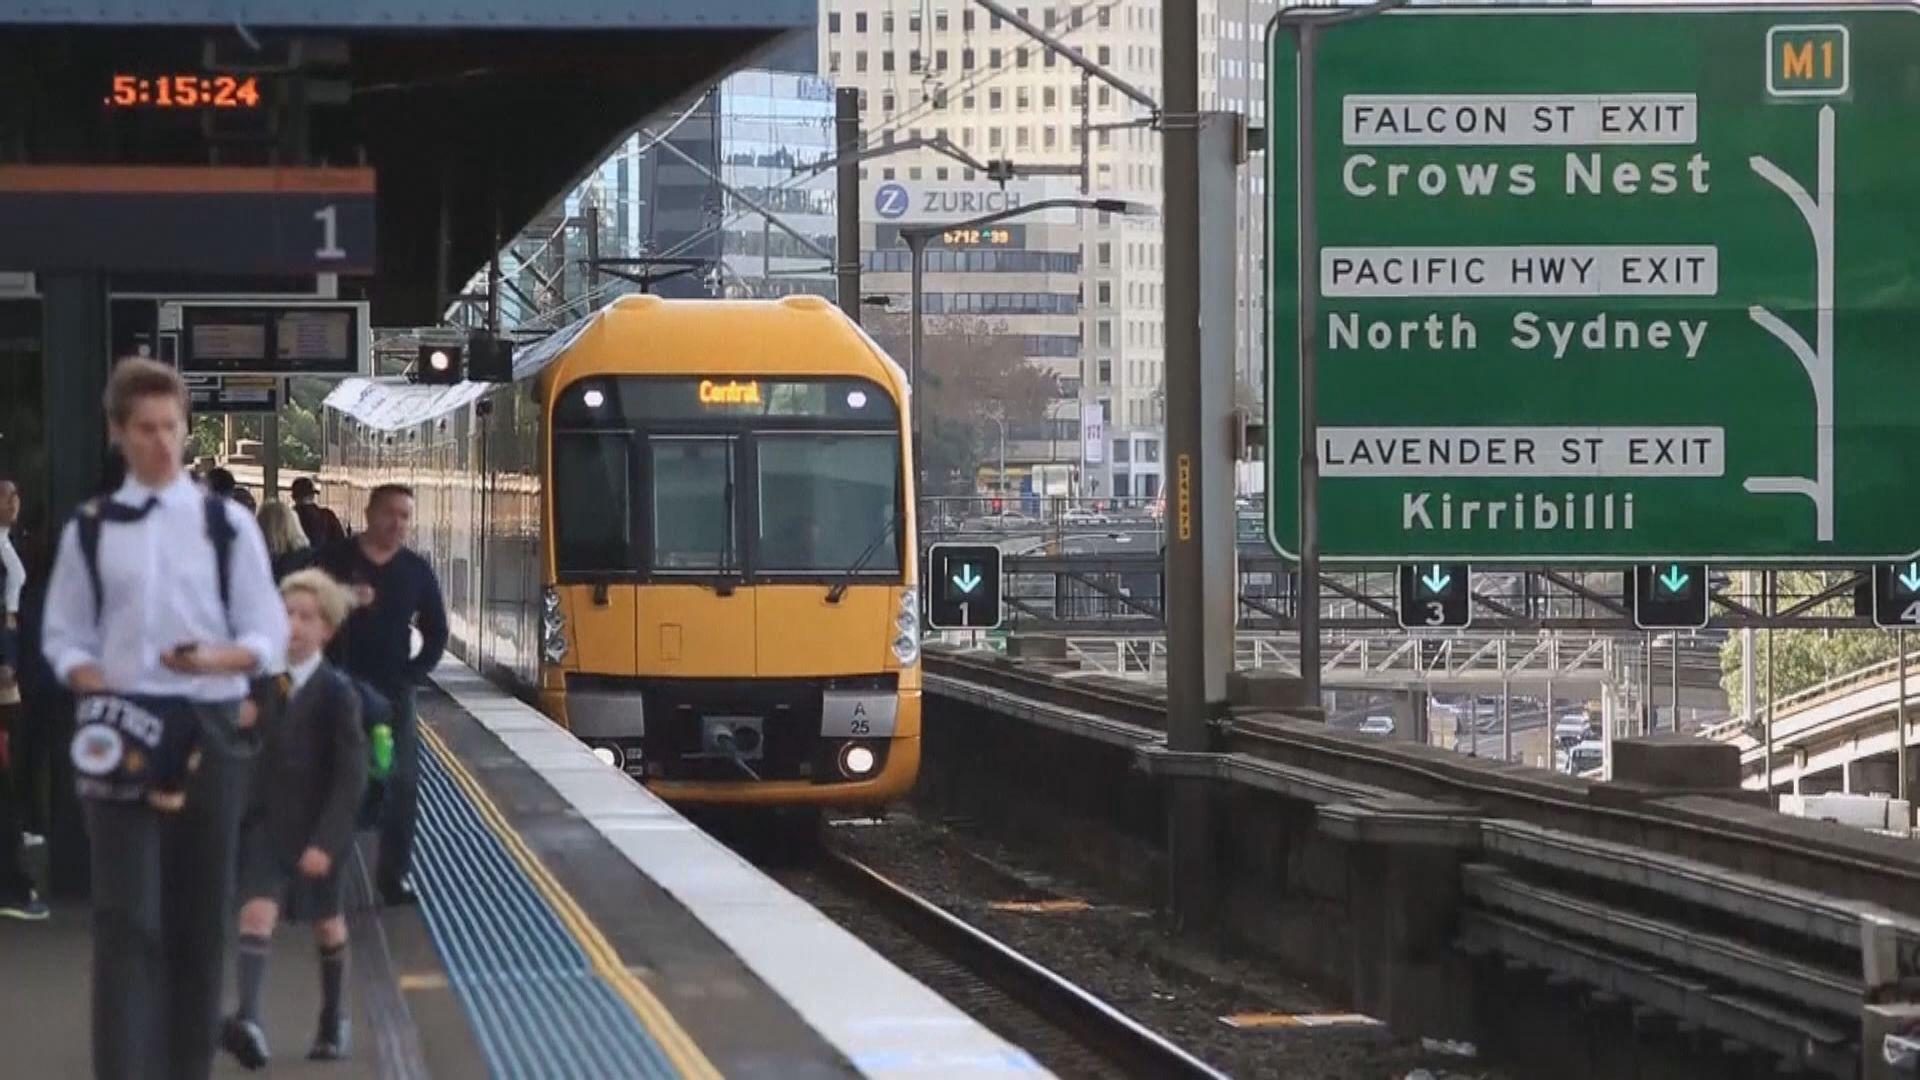 澳洲擬禁新技術移民定居大城市